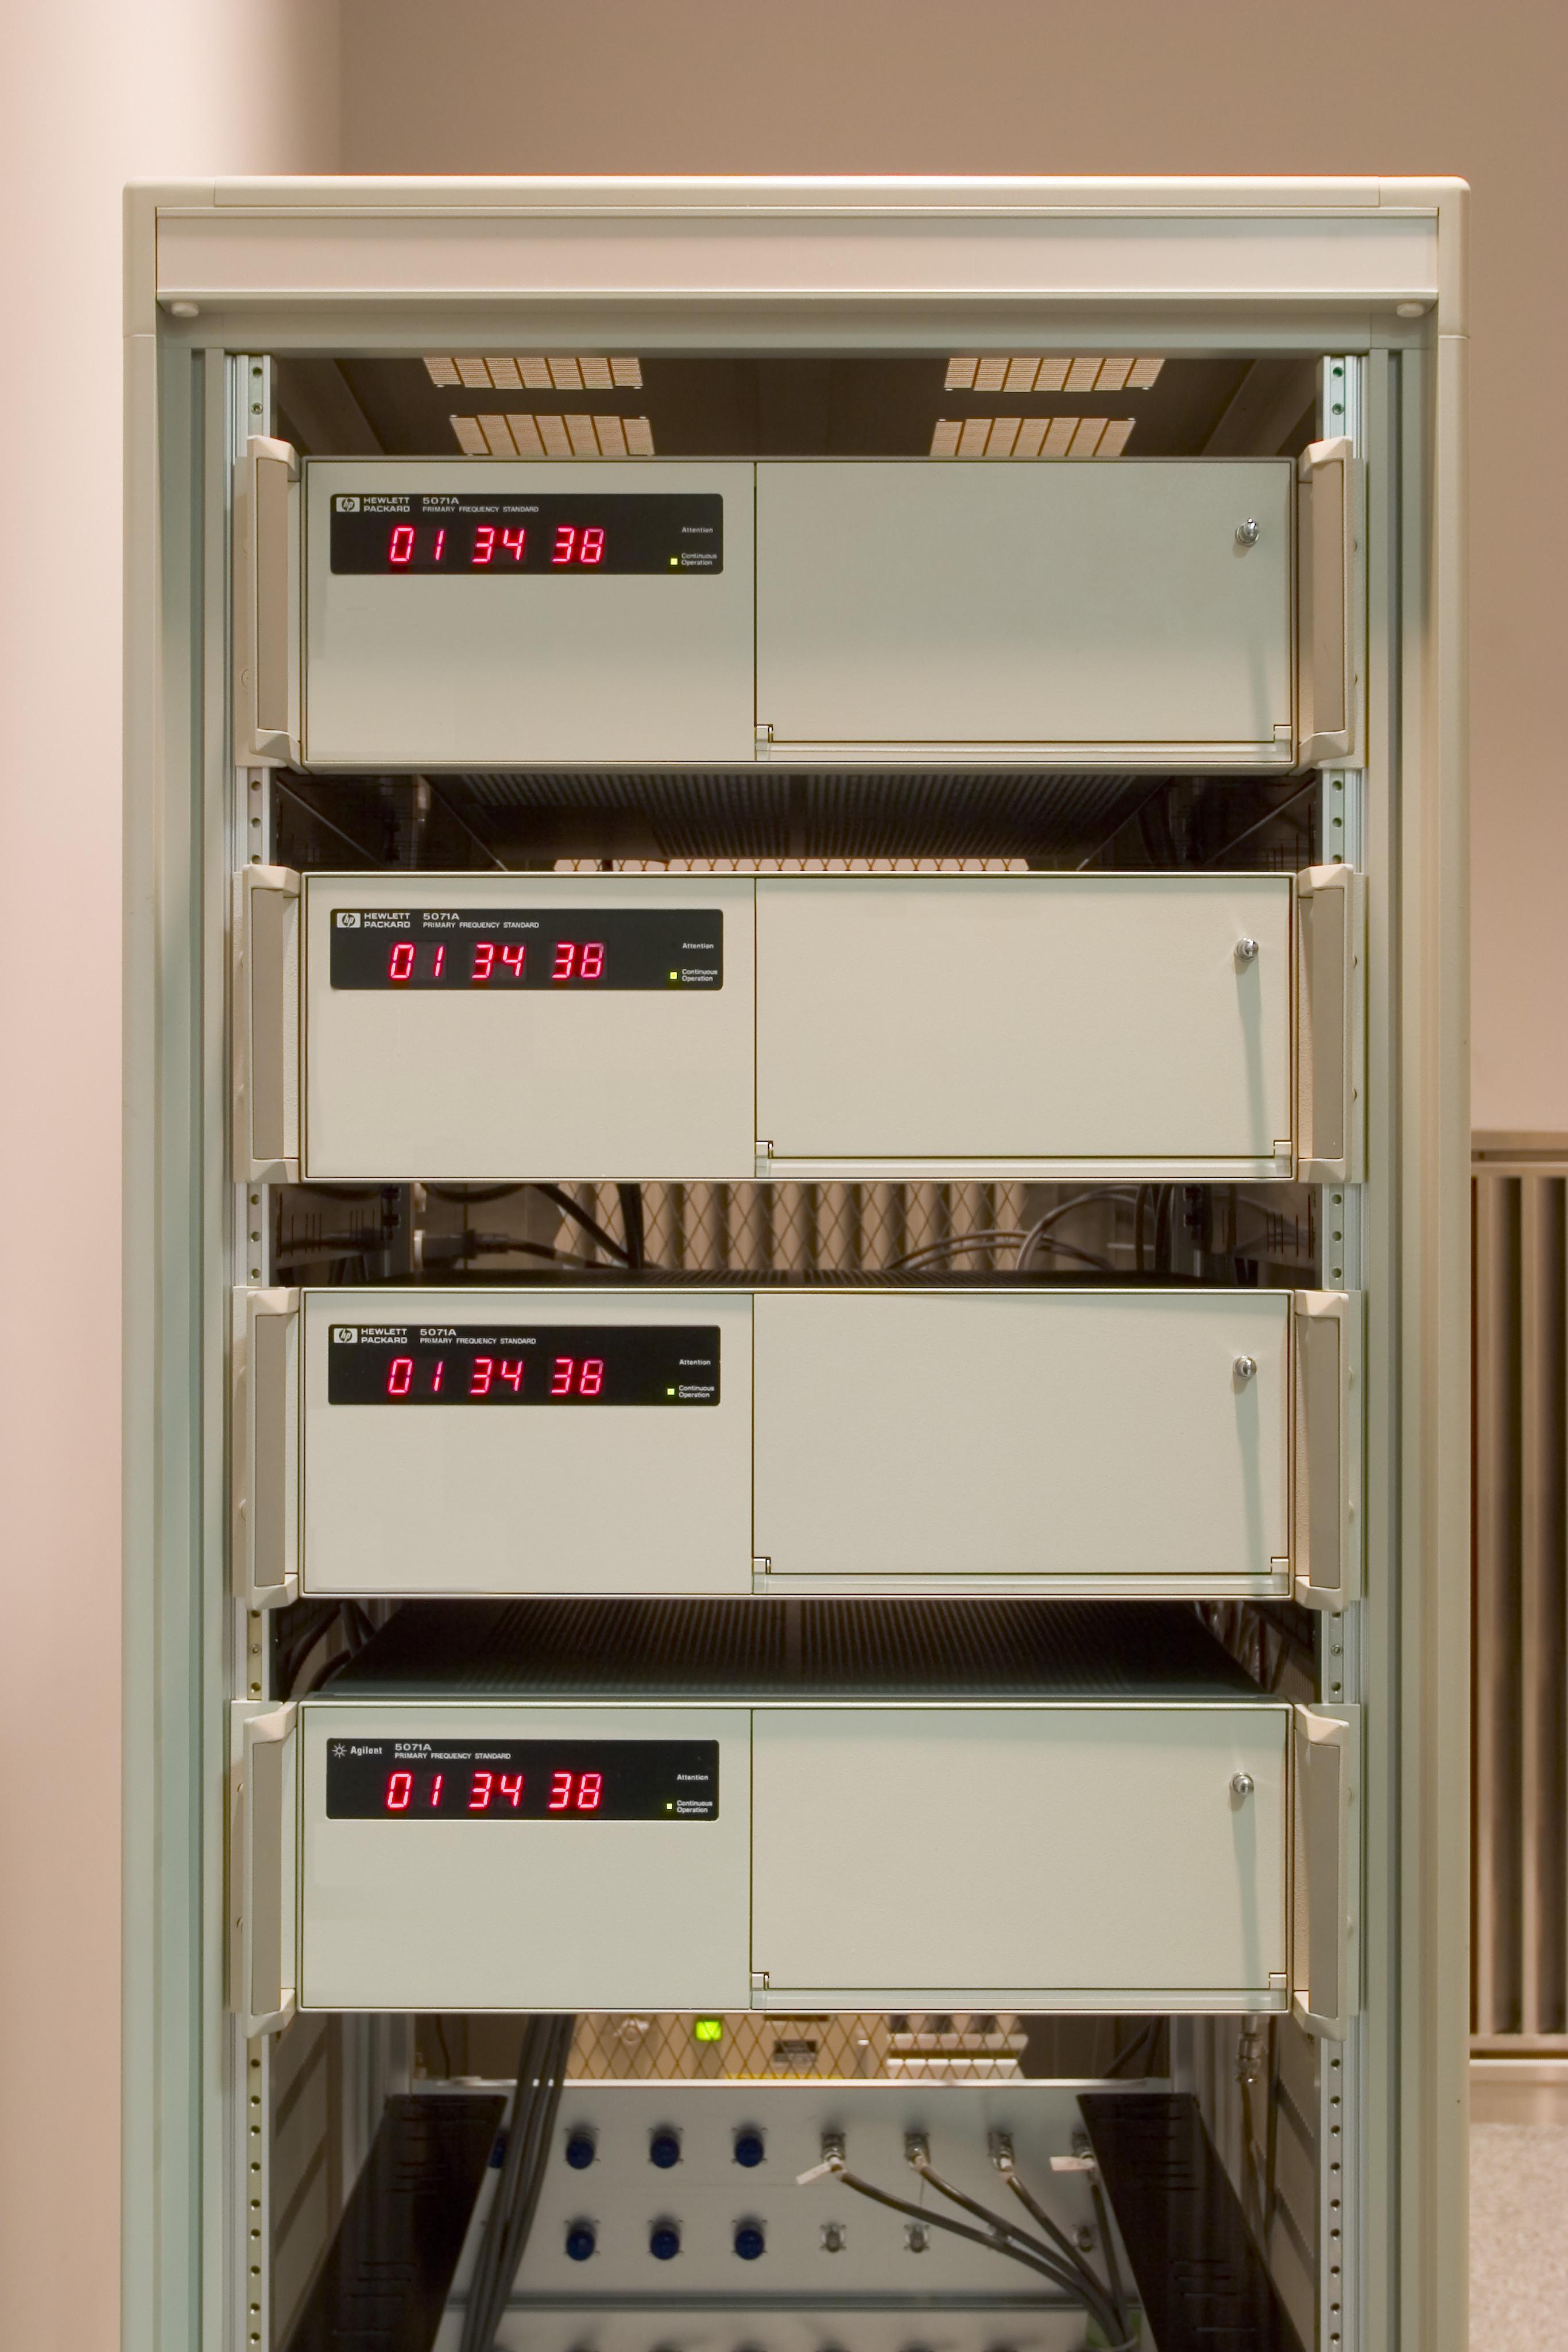 日本標準時プロジェクト 日本標準時と標準電波送信所の写真集